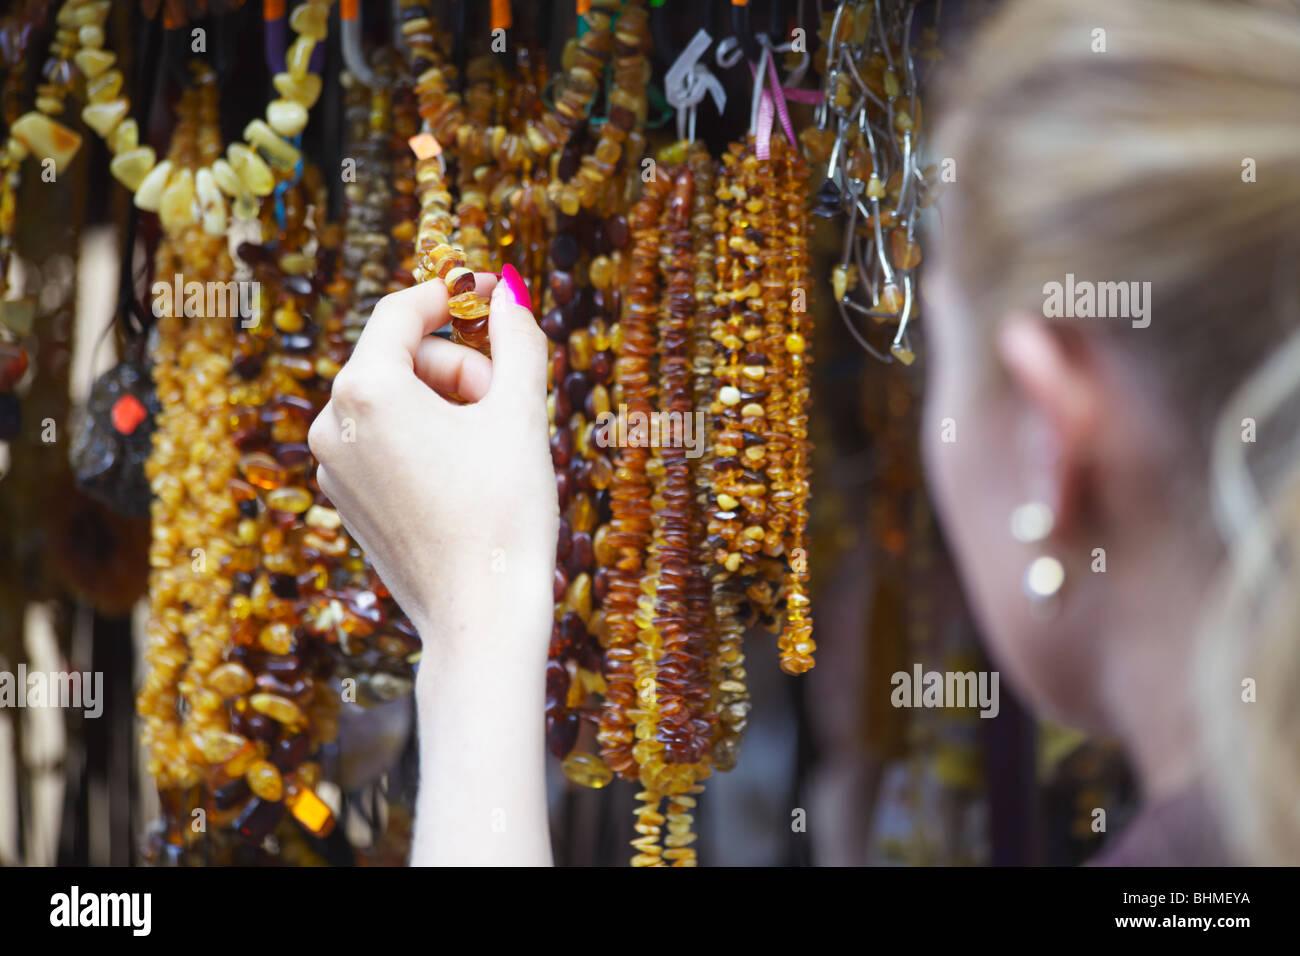 Mujer sosteniendo Joyería de ámbar, Vilna, Lituania, Países Bálticos, Europa Imagen De Stock